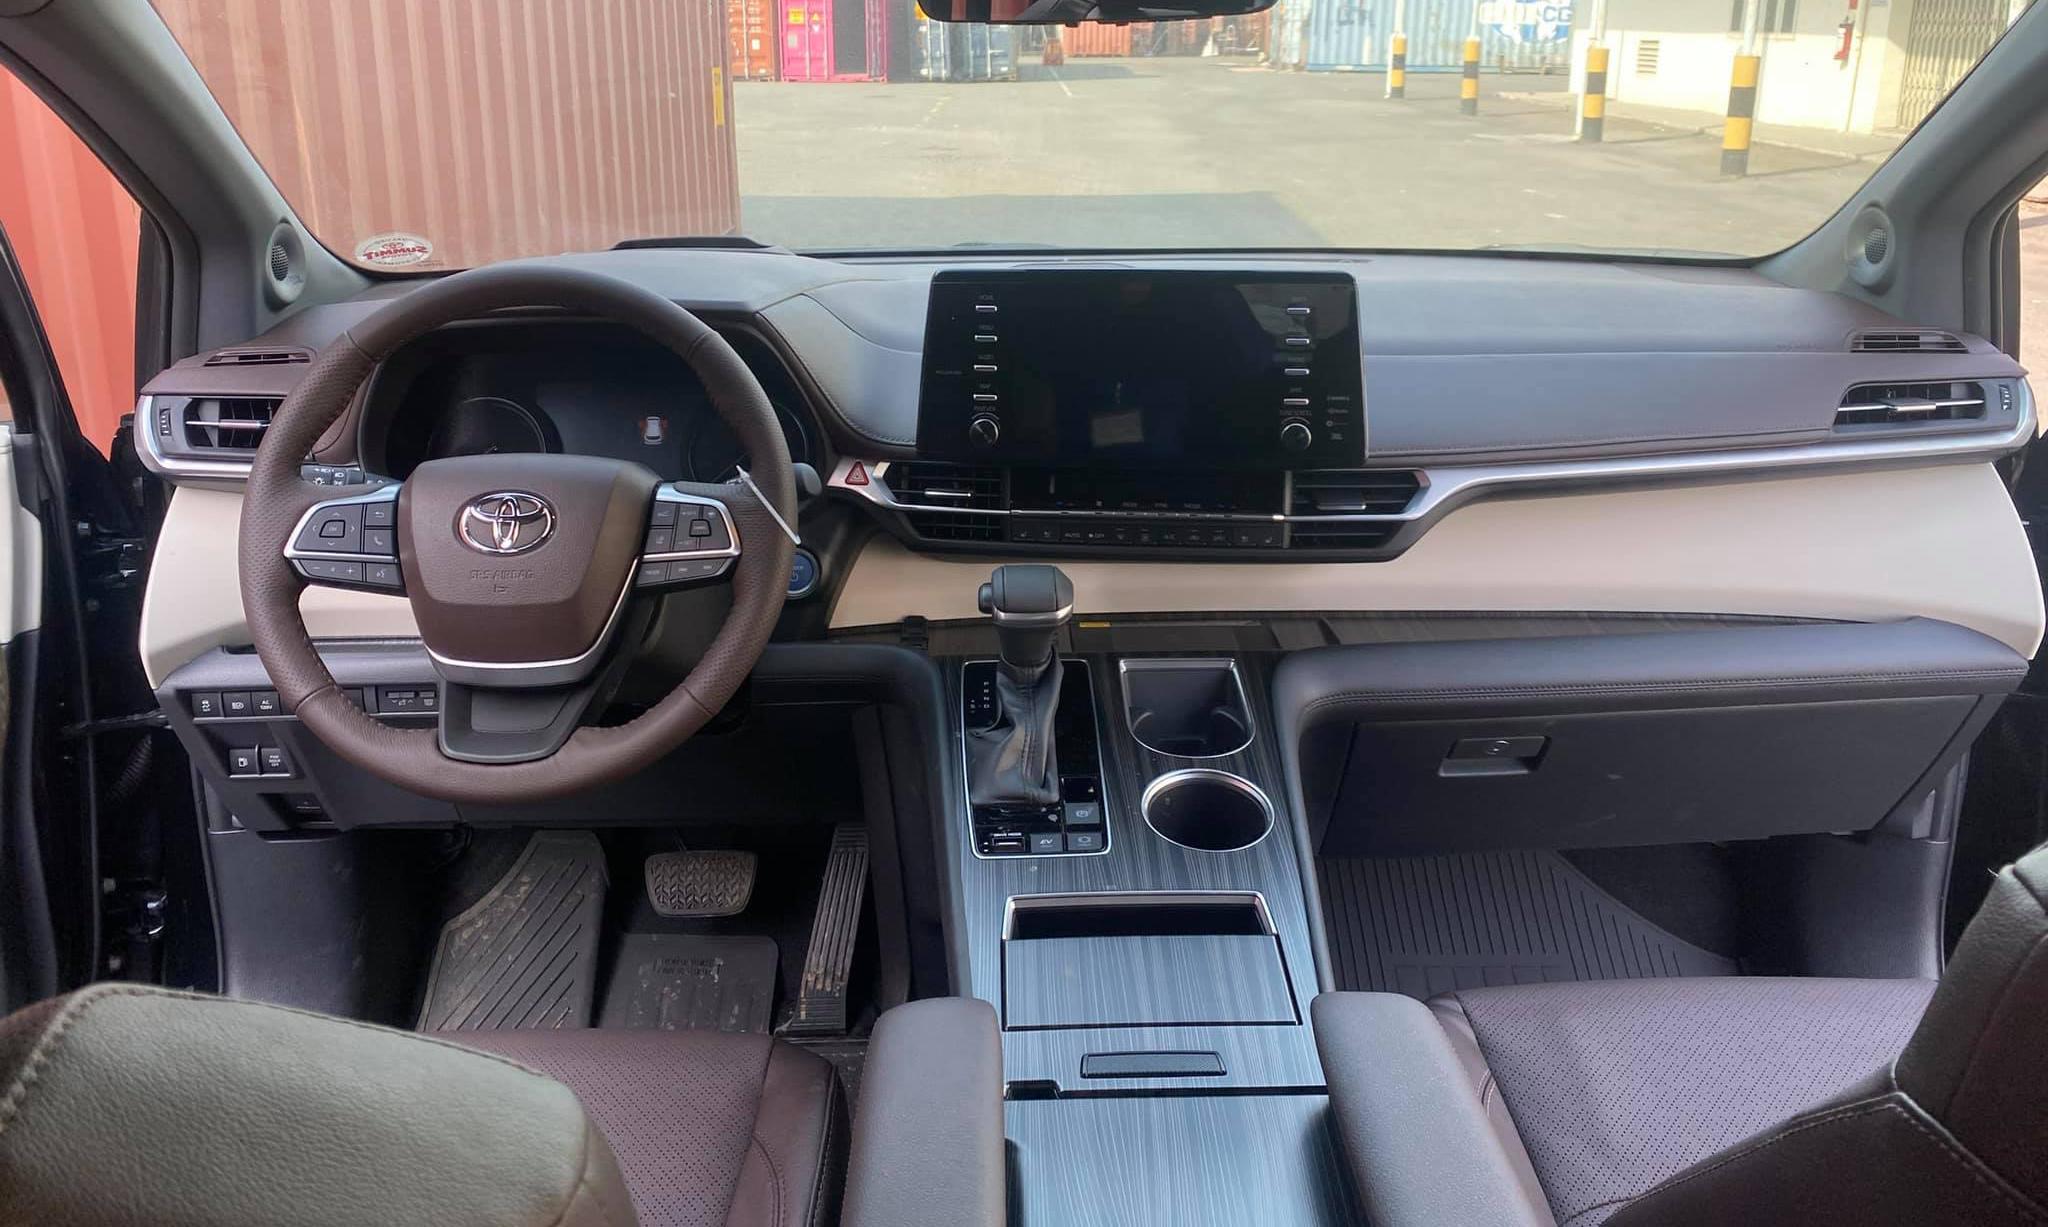 Toyota Sienna 2021 đầu tiên về Việt Nam, giá hơn 4 tỷ sienna-2021-3.jpg